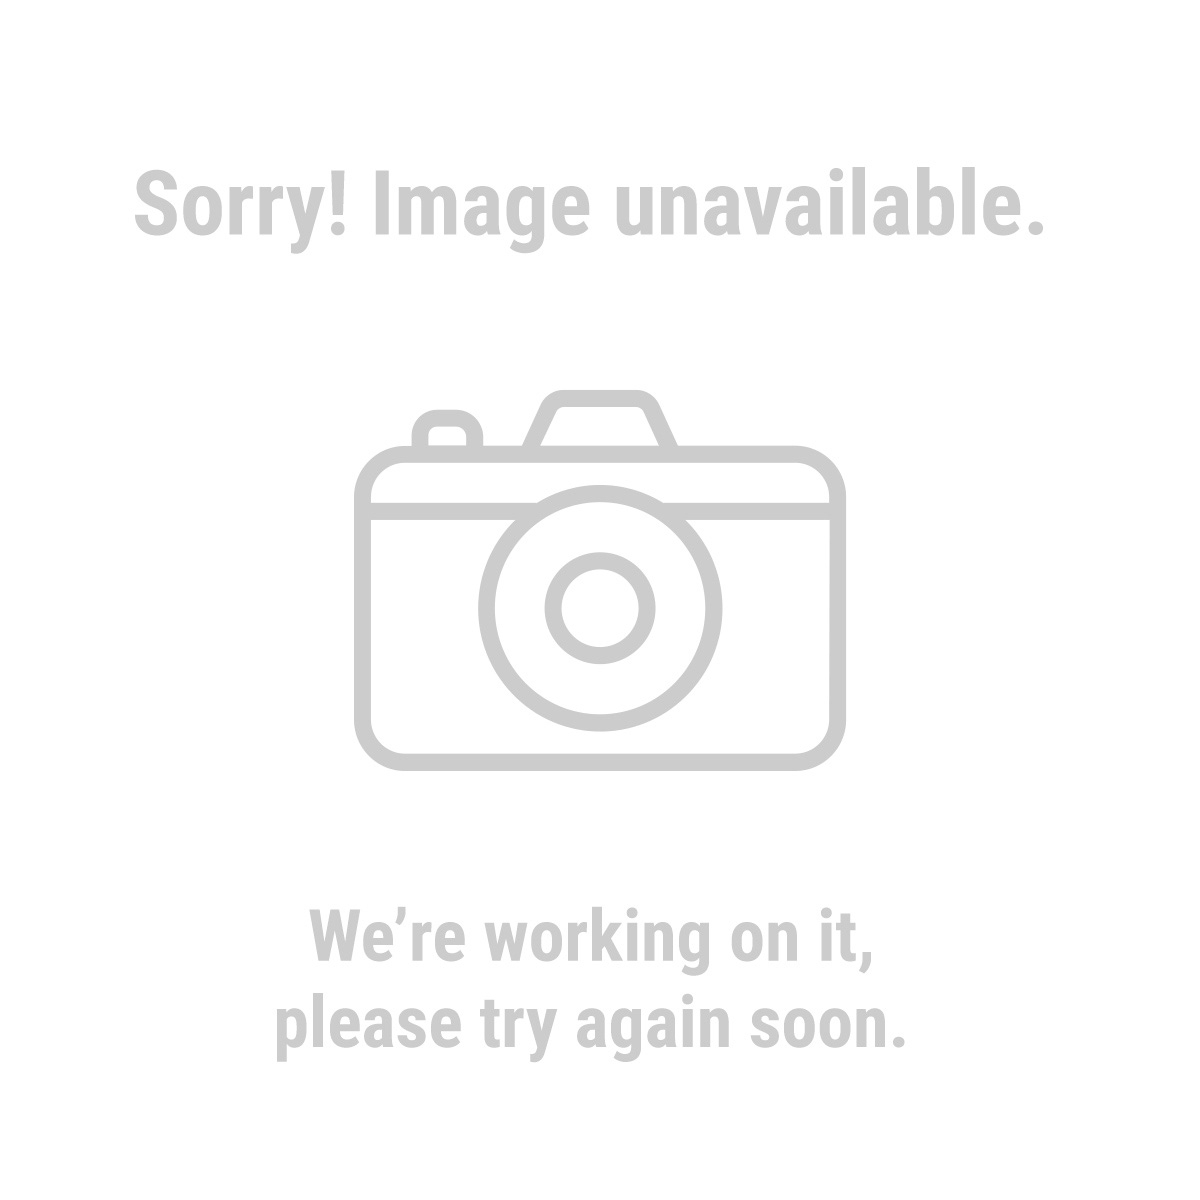 HFT® 61860 25 ft. x 14 Gauge Outdoor Extension Cord